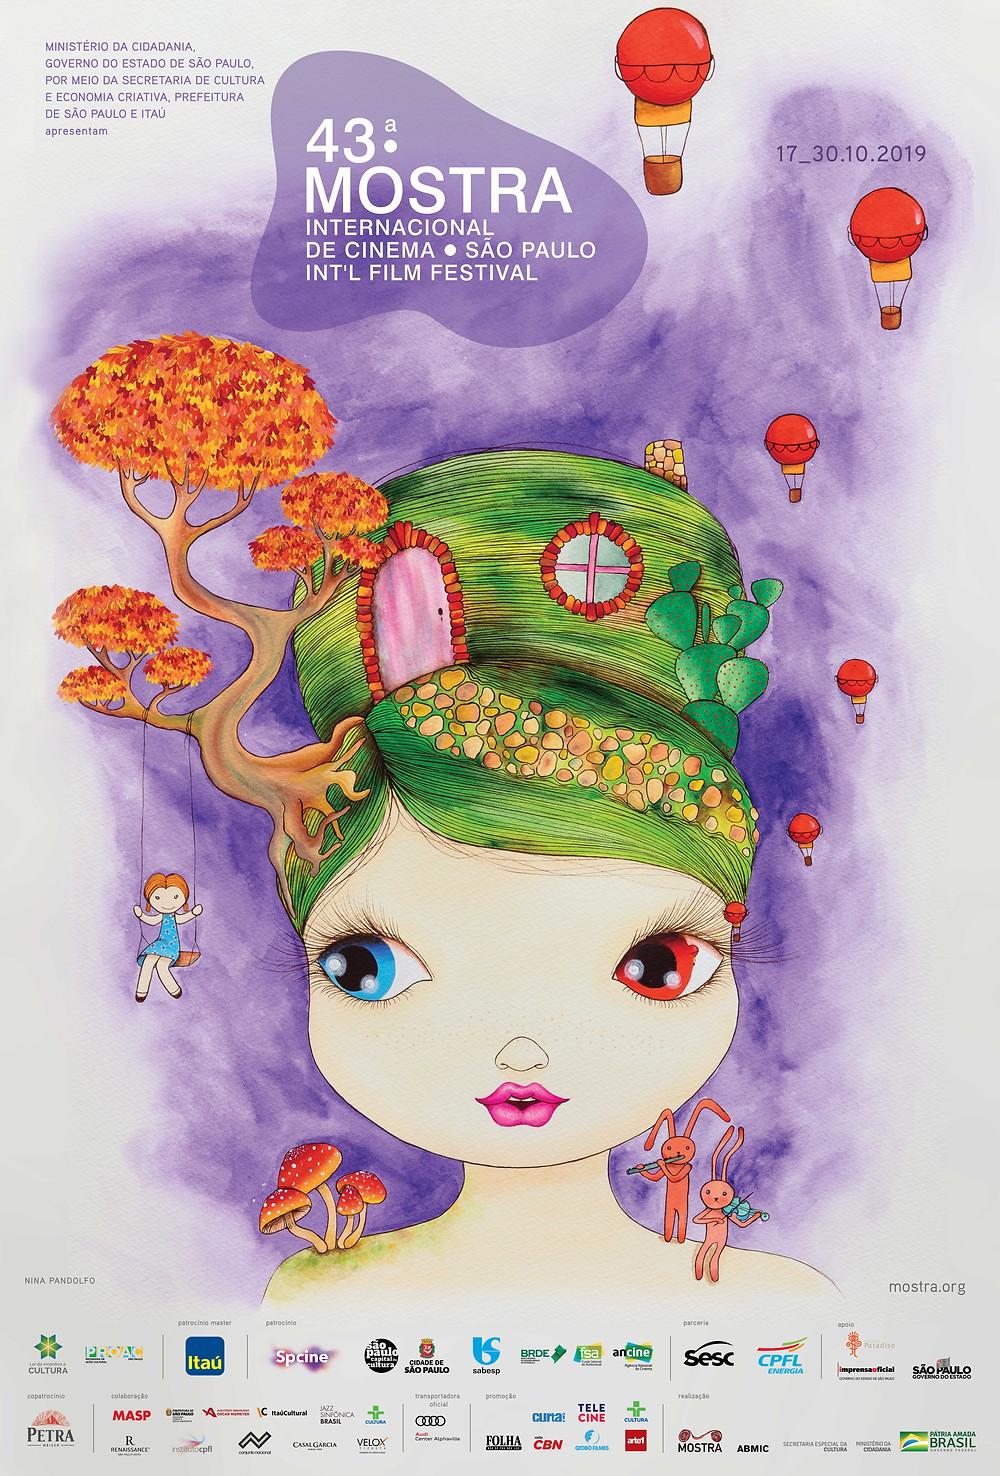 Pôster da 43ª Mostra Internacional de Cinema em São Paulo, ilustrado pela artista brasileira Nina Pandolfo | Foto: Divulgação (ABMIC)